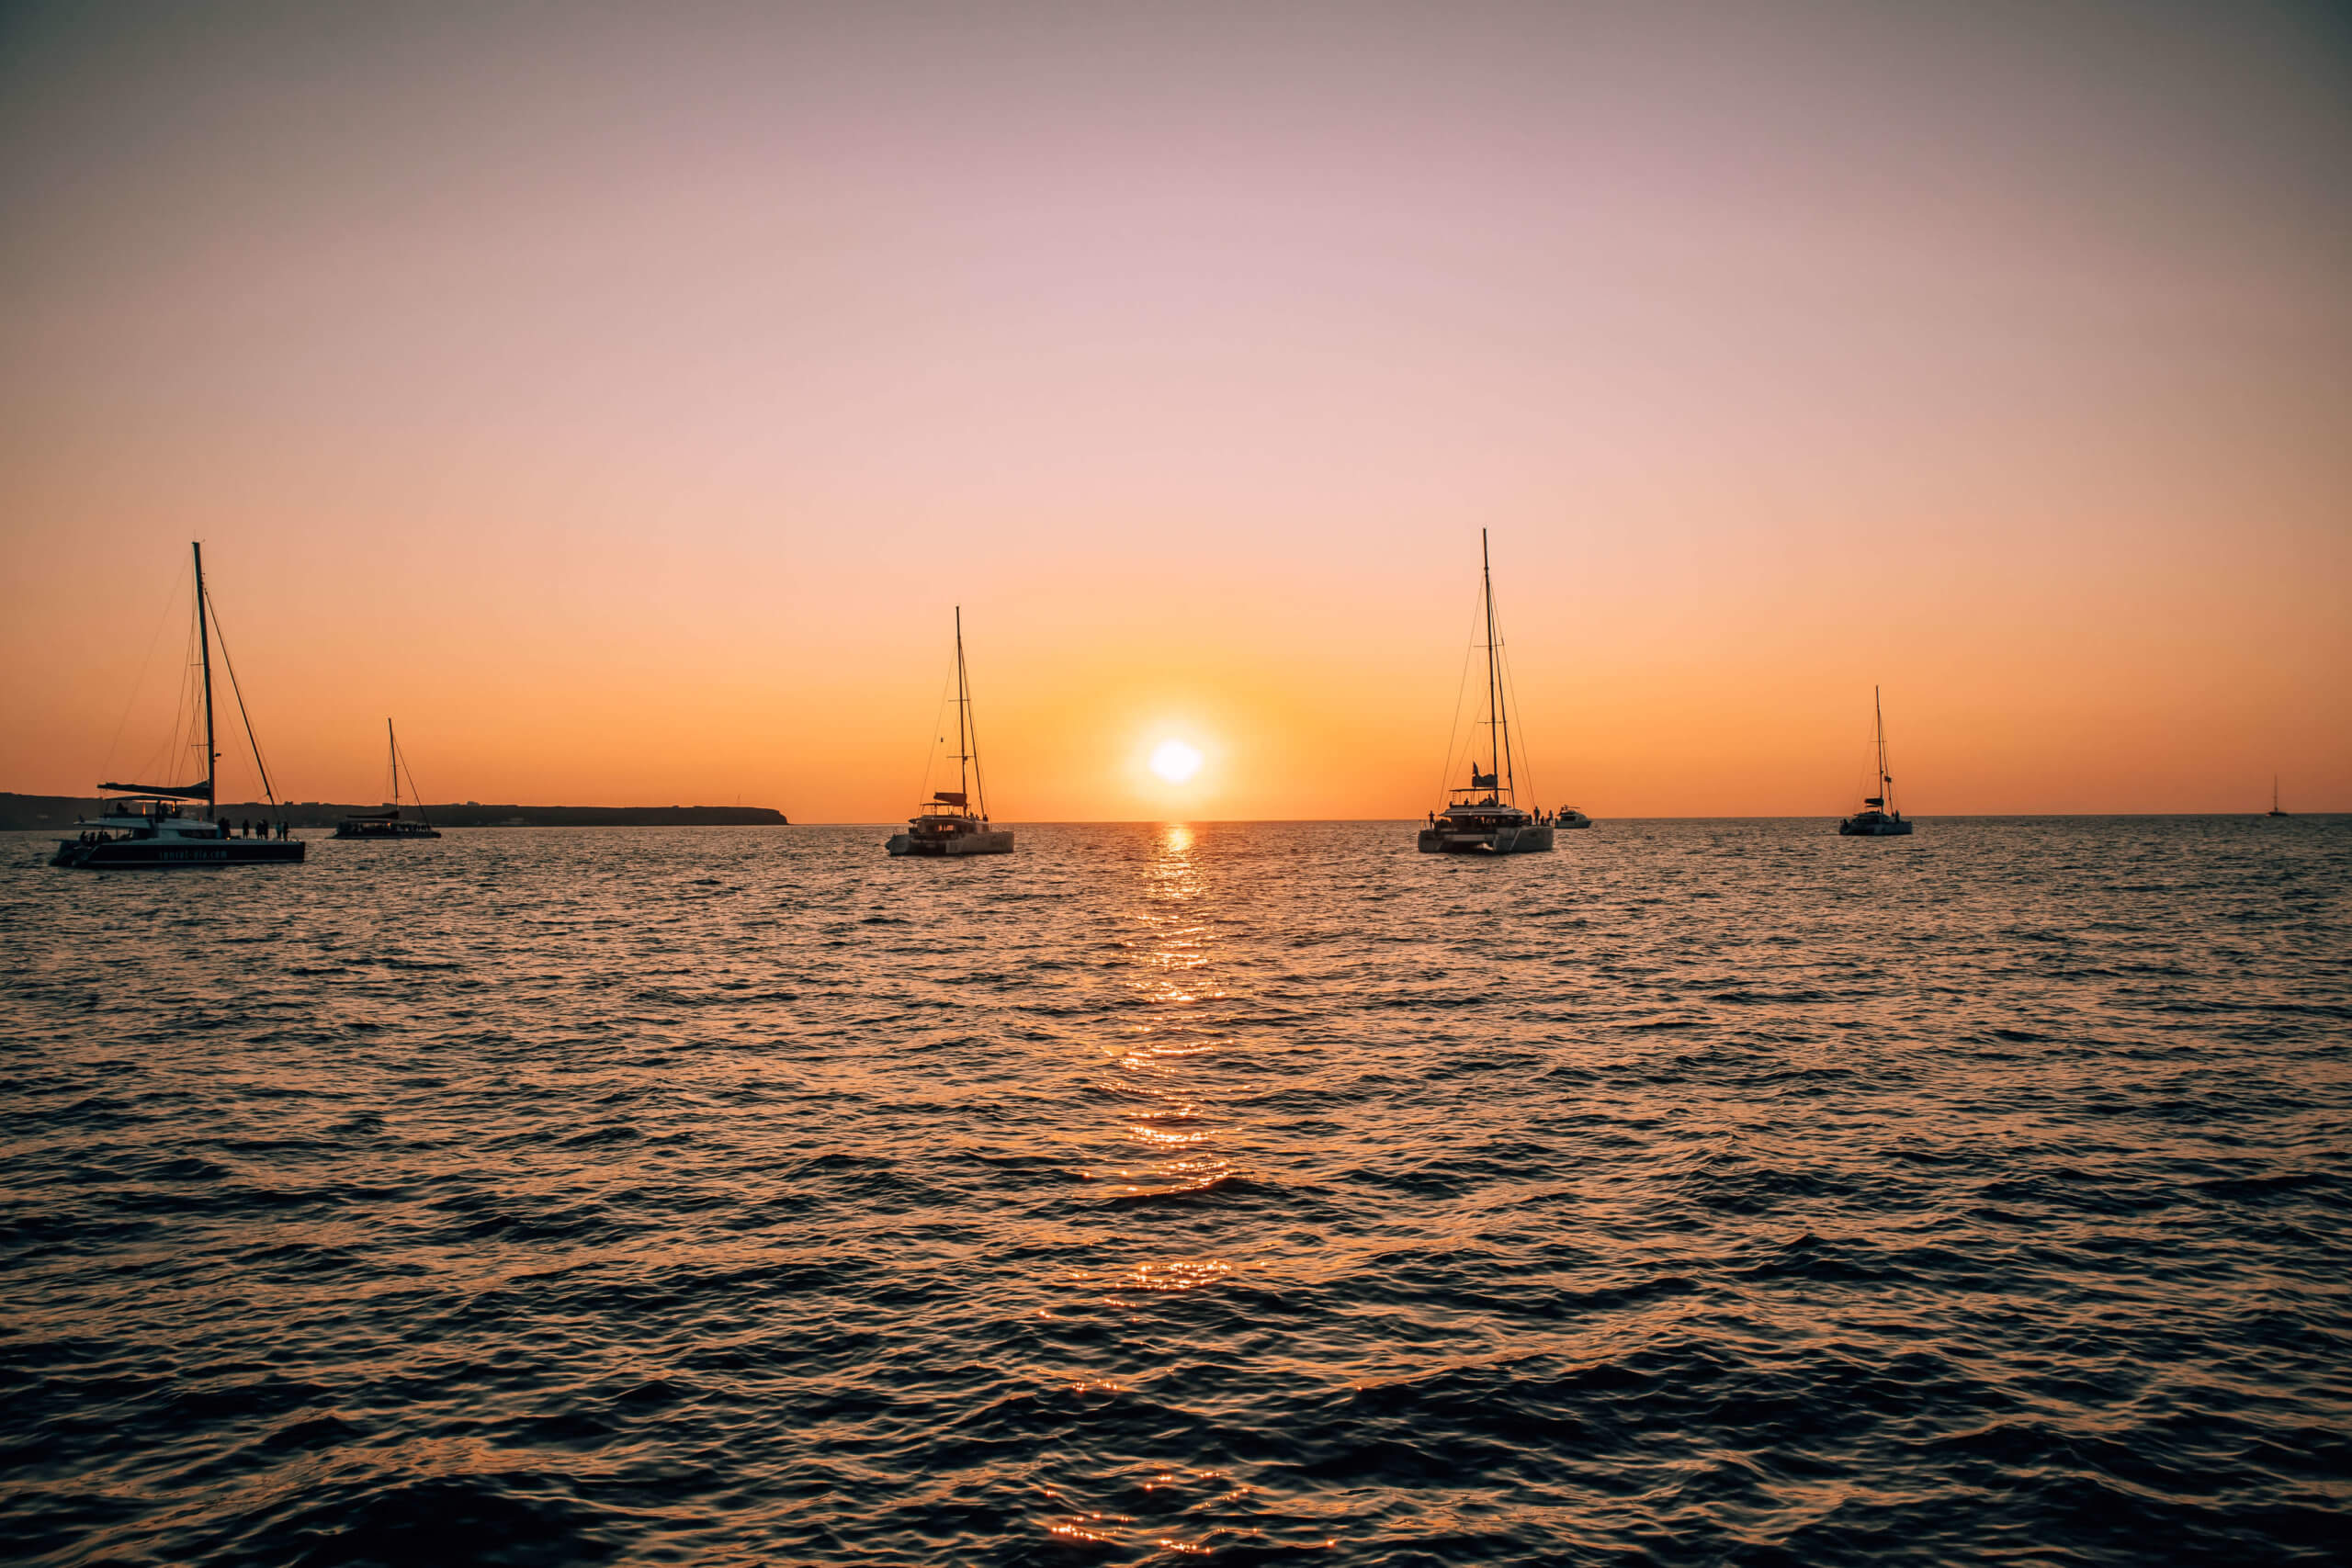 Sunset at Oia Santorini